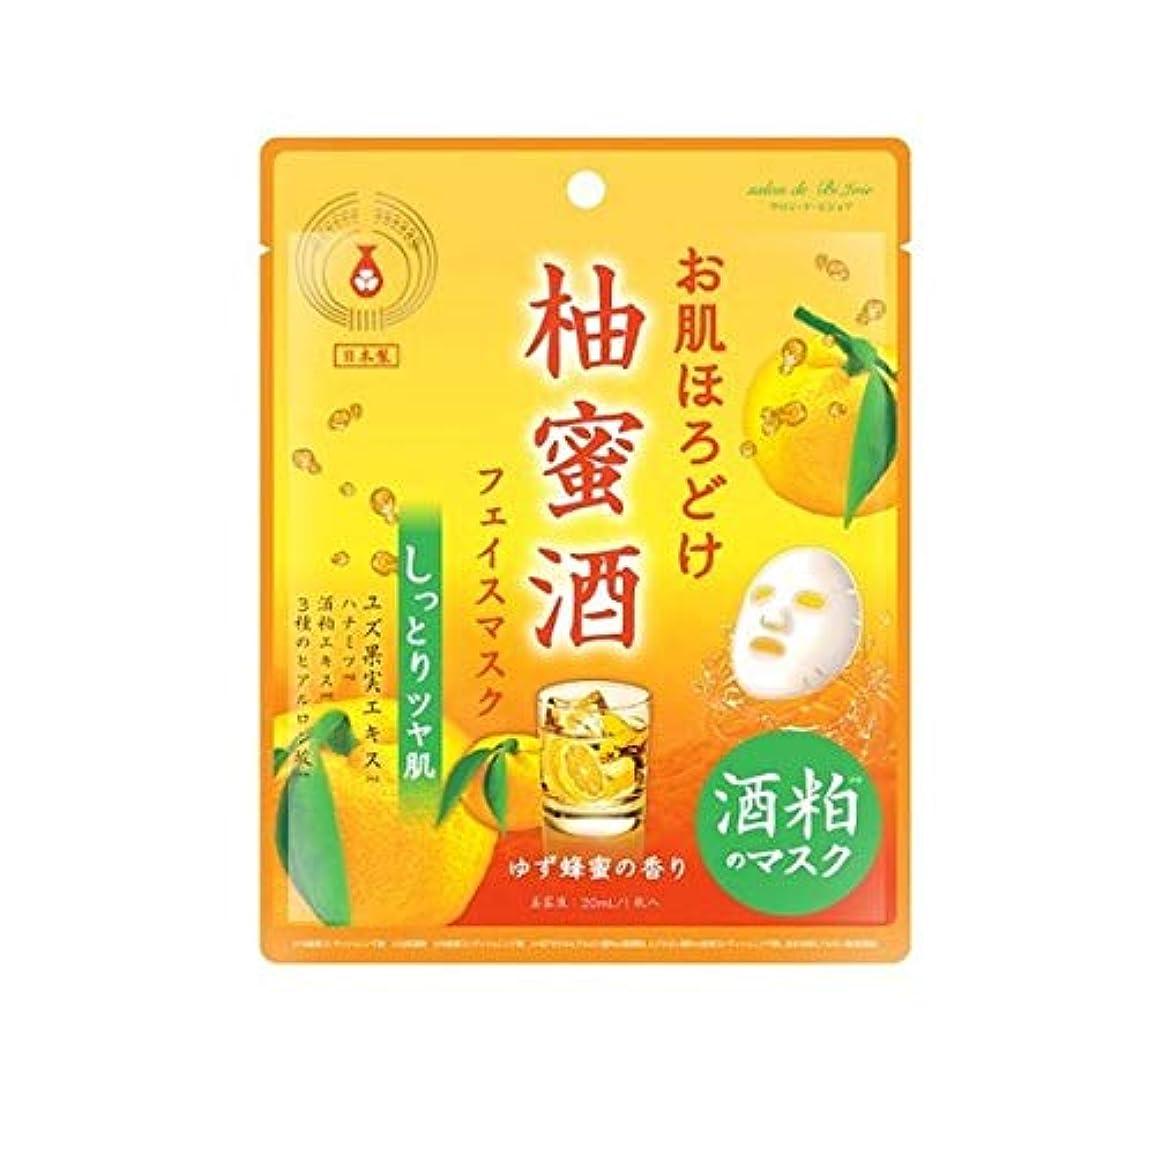 アリス毎週手入れBJお肌ほろどけフェイスマスク 柚蜜酒 HDM202 日本製 ゆず蜂蜜の香り 美容 ビューティー グッズ フェイス パック マスク しっとり ツヤ 肌 素肌 美人 保湿